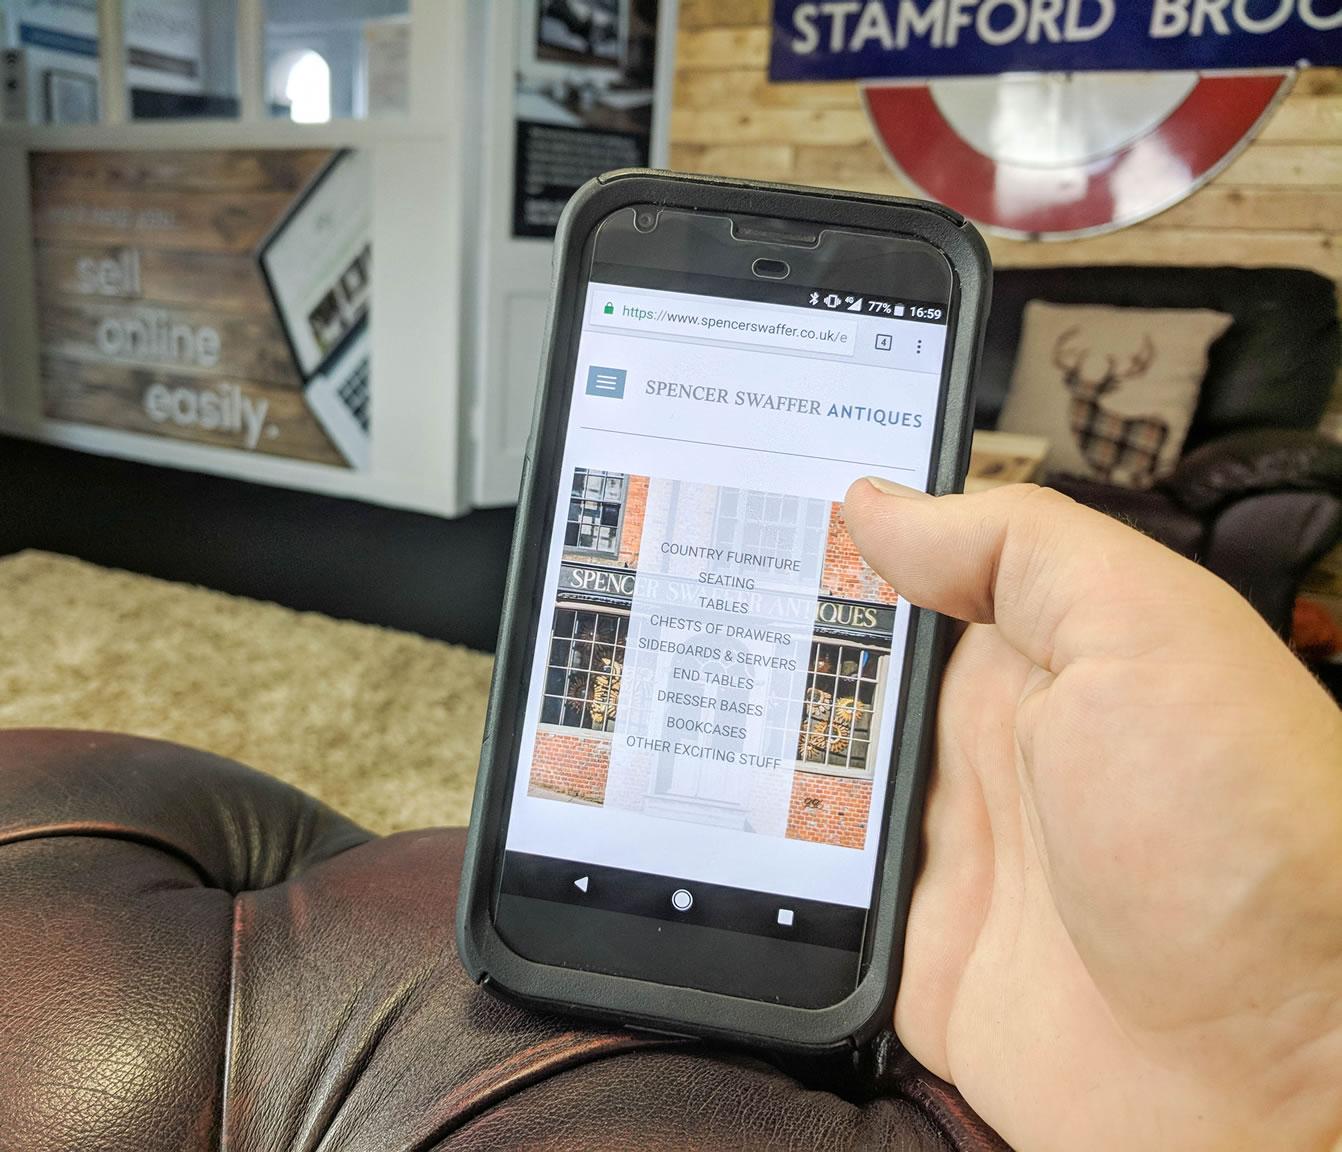 Spencer Swaffer Antiques website on a phone